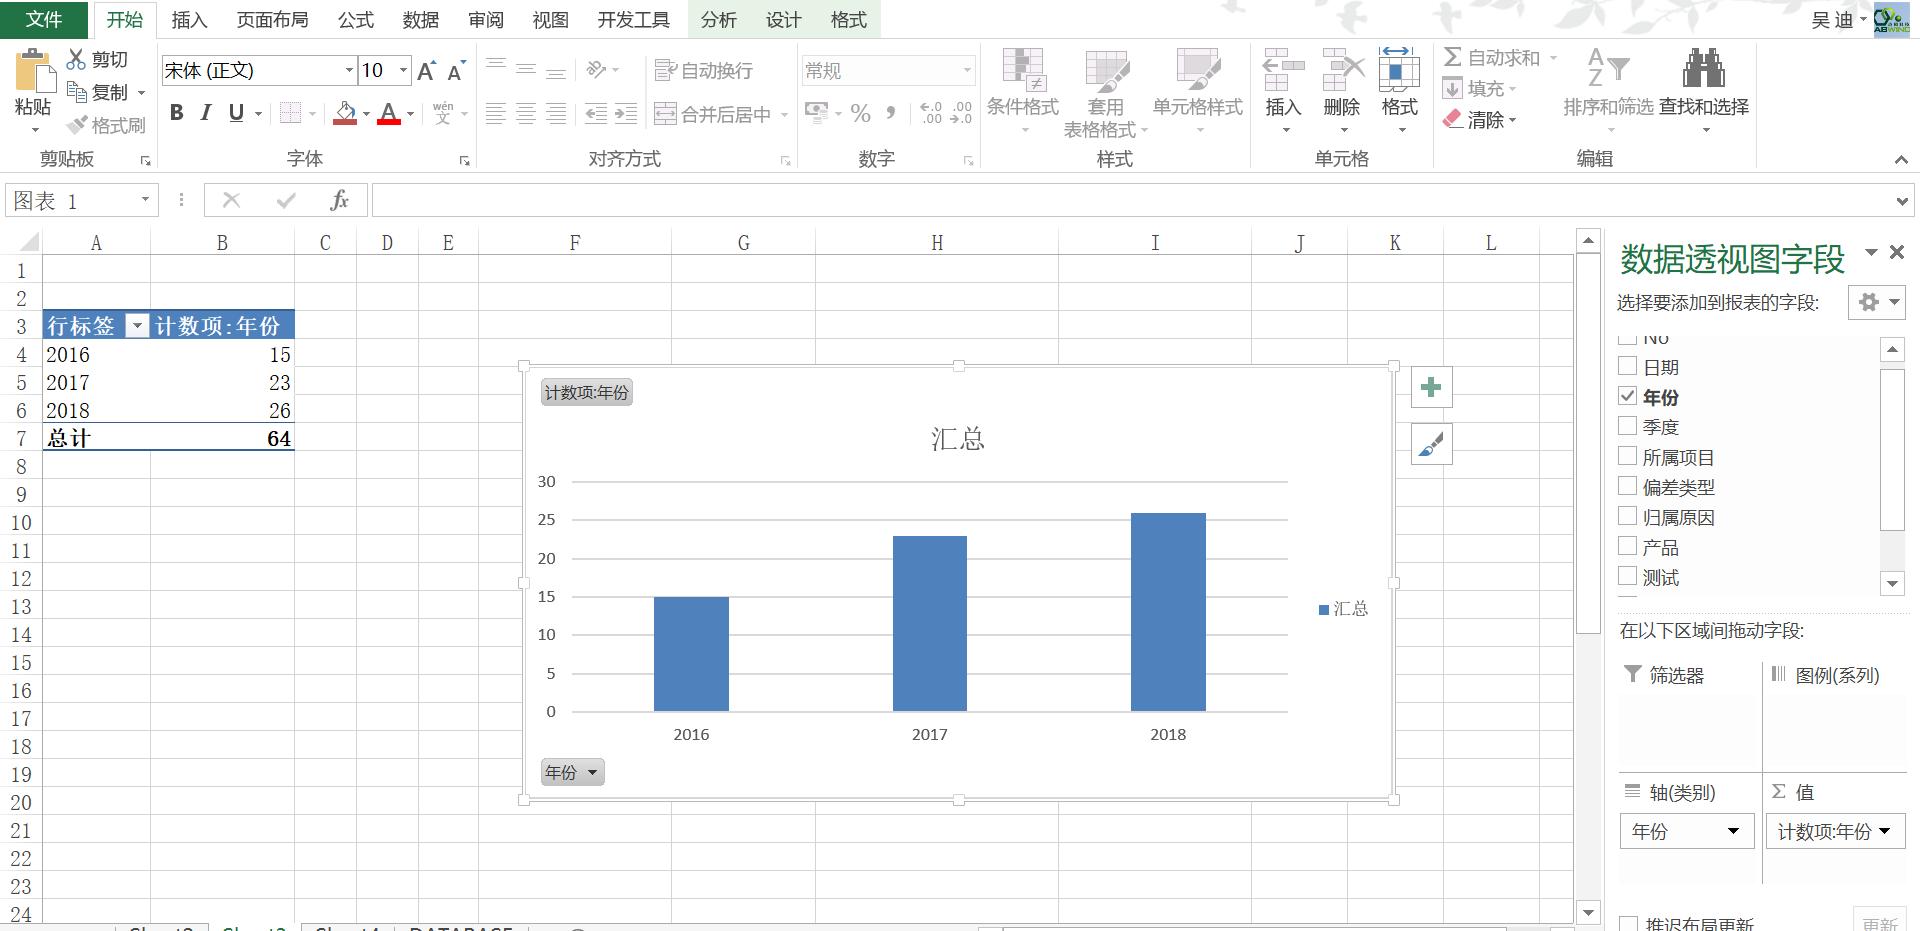 巧用Excel数据透视表实现GMP偏差趋势分析